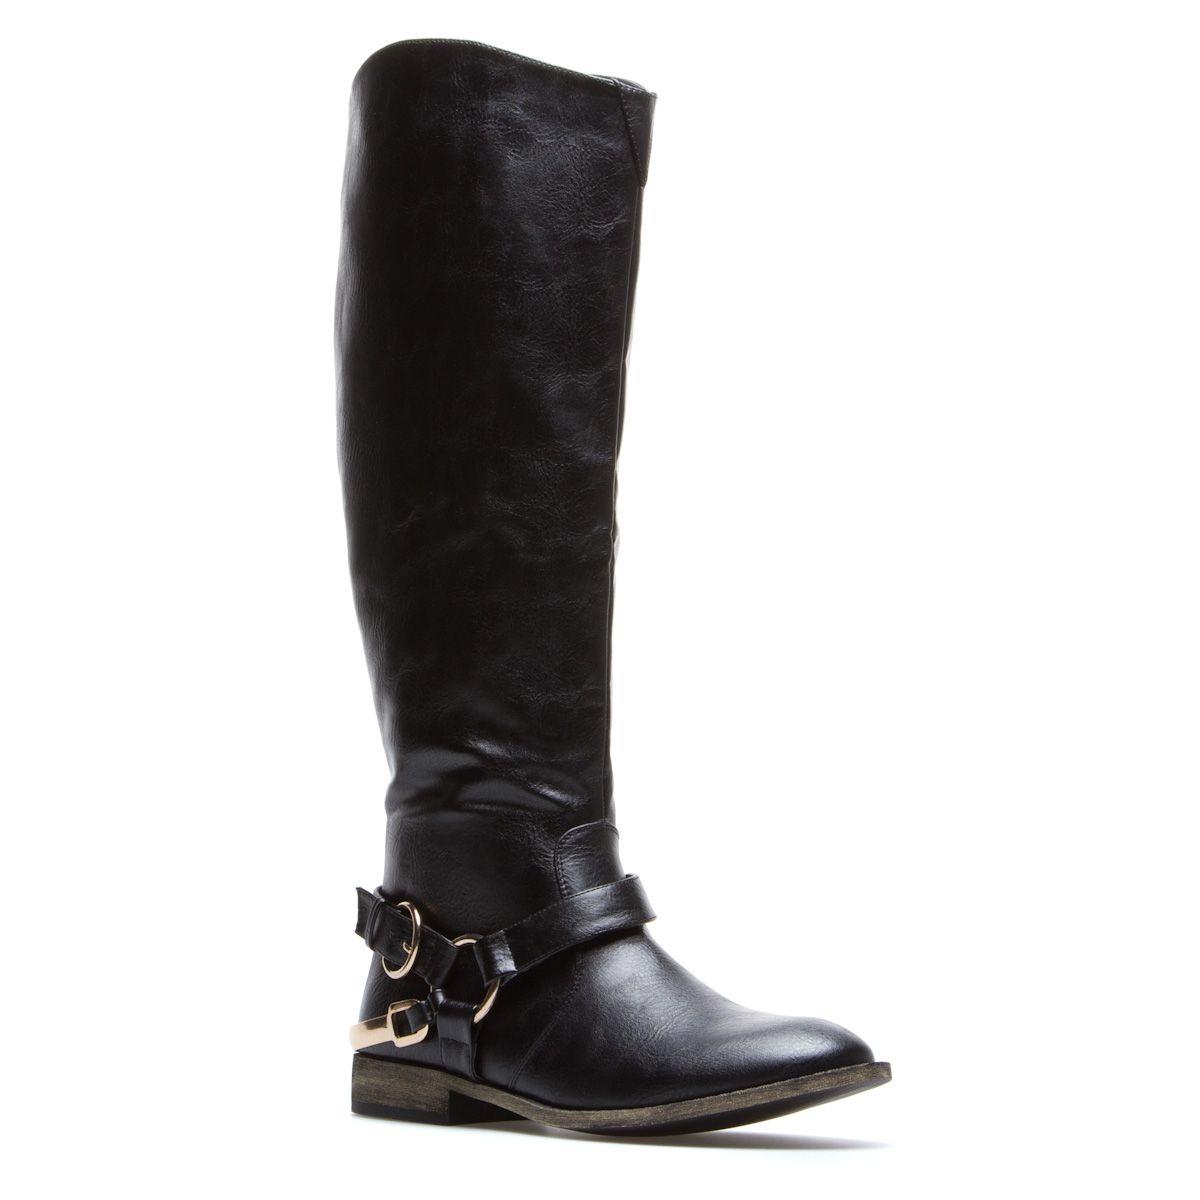 Fanesia boot